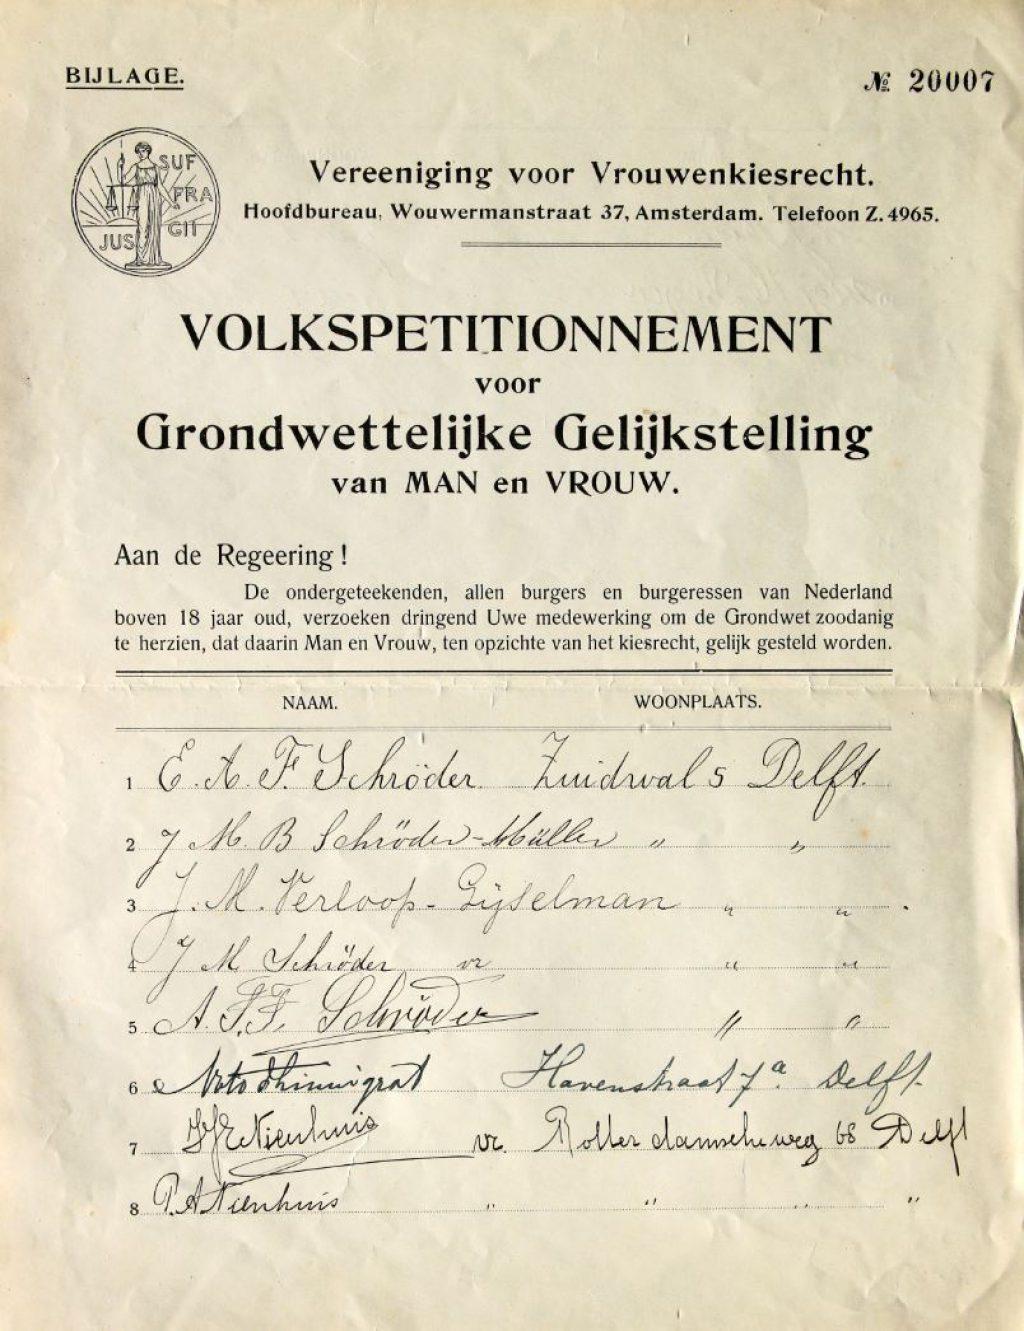 Lijst volkspetitionnement voor grondwettelijke gelijkstelling man vrouw, 1914. (Archief 598 inv.nr 1445)